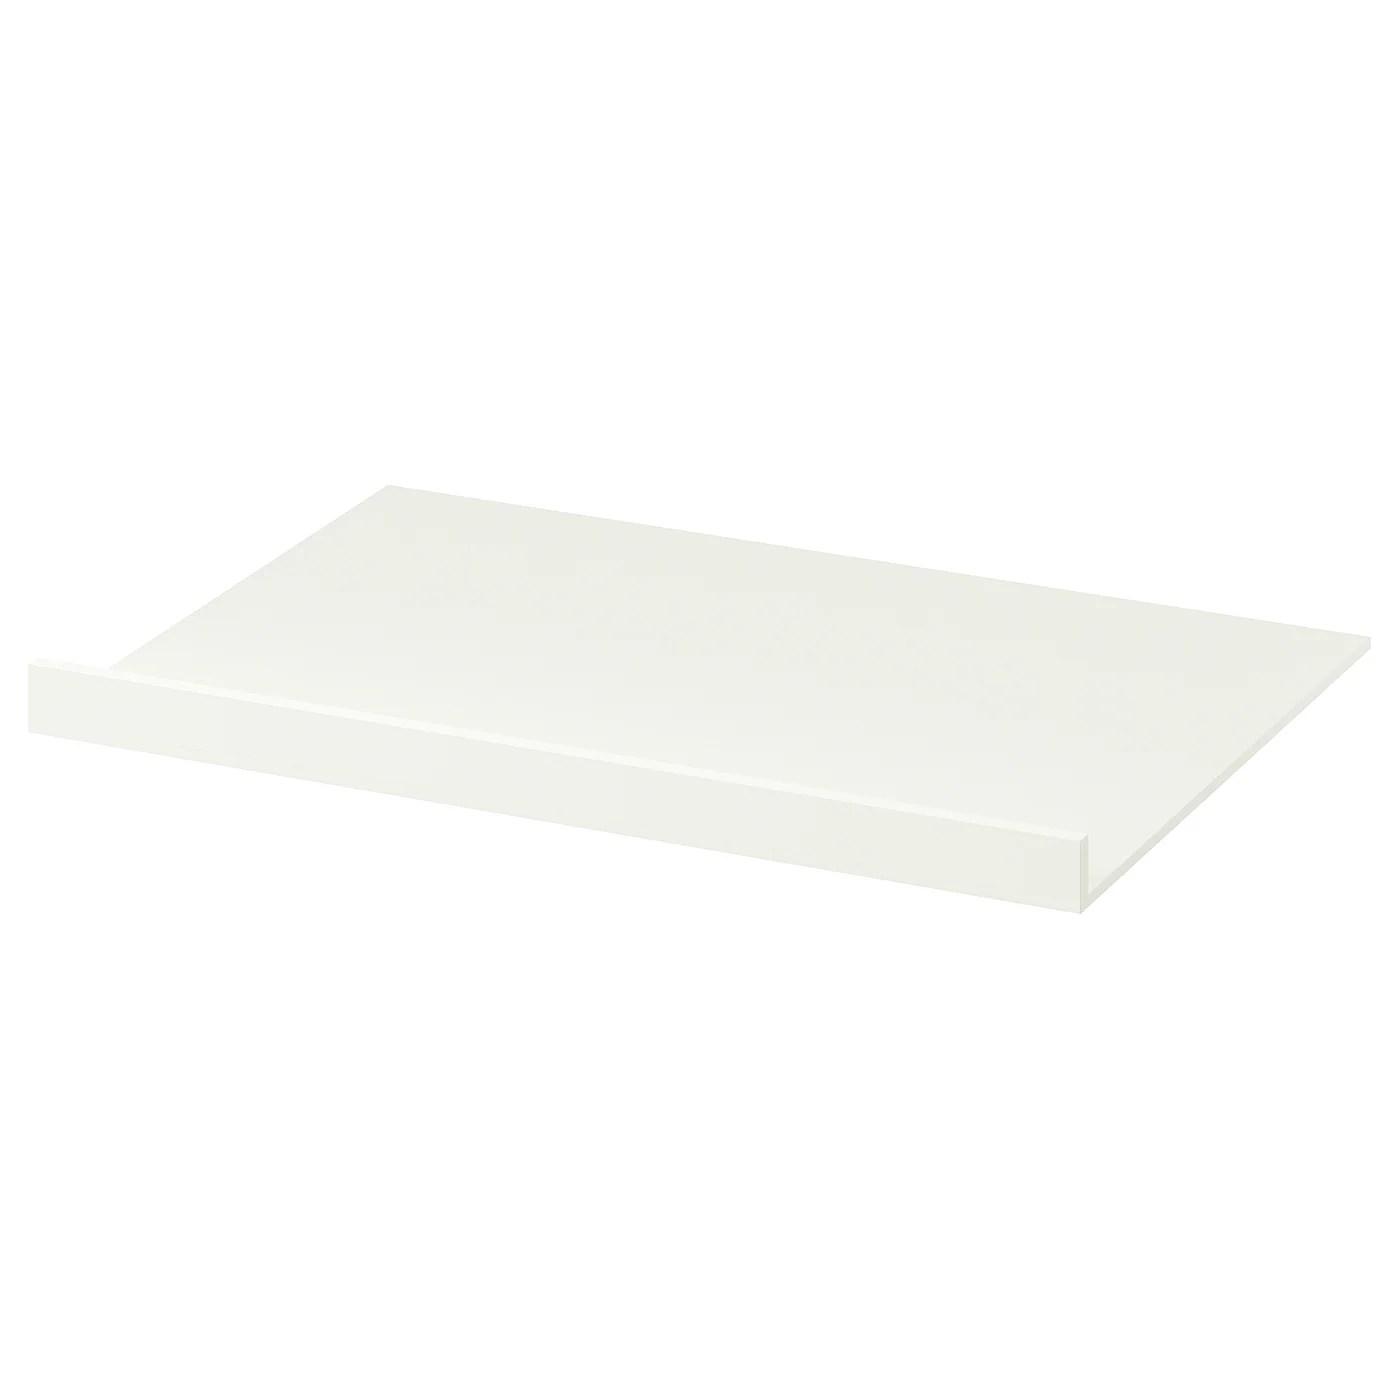 nyttig separateur table de cuisson 60 cm